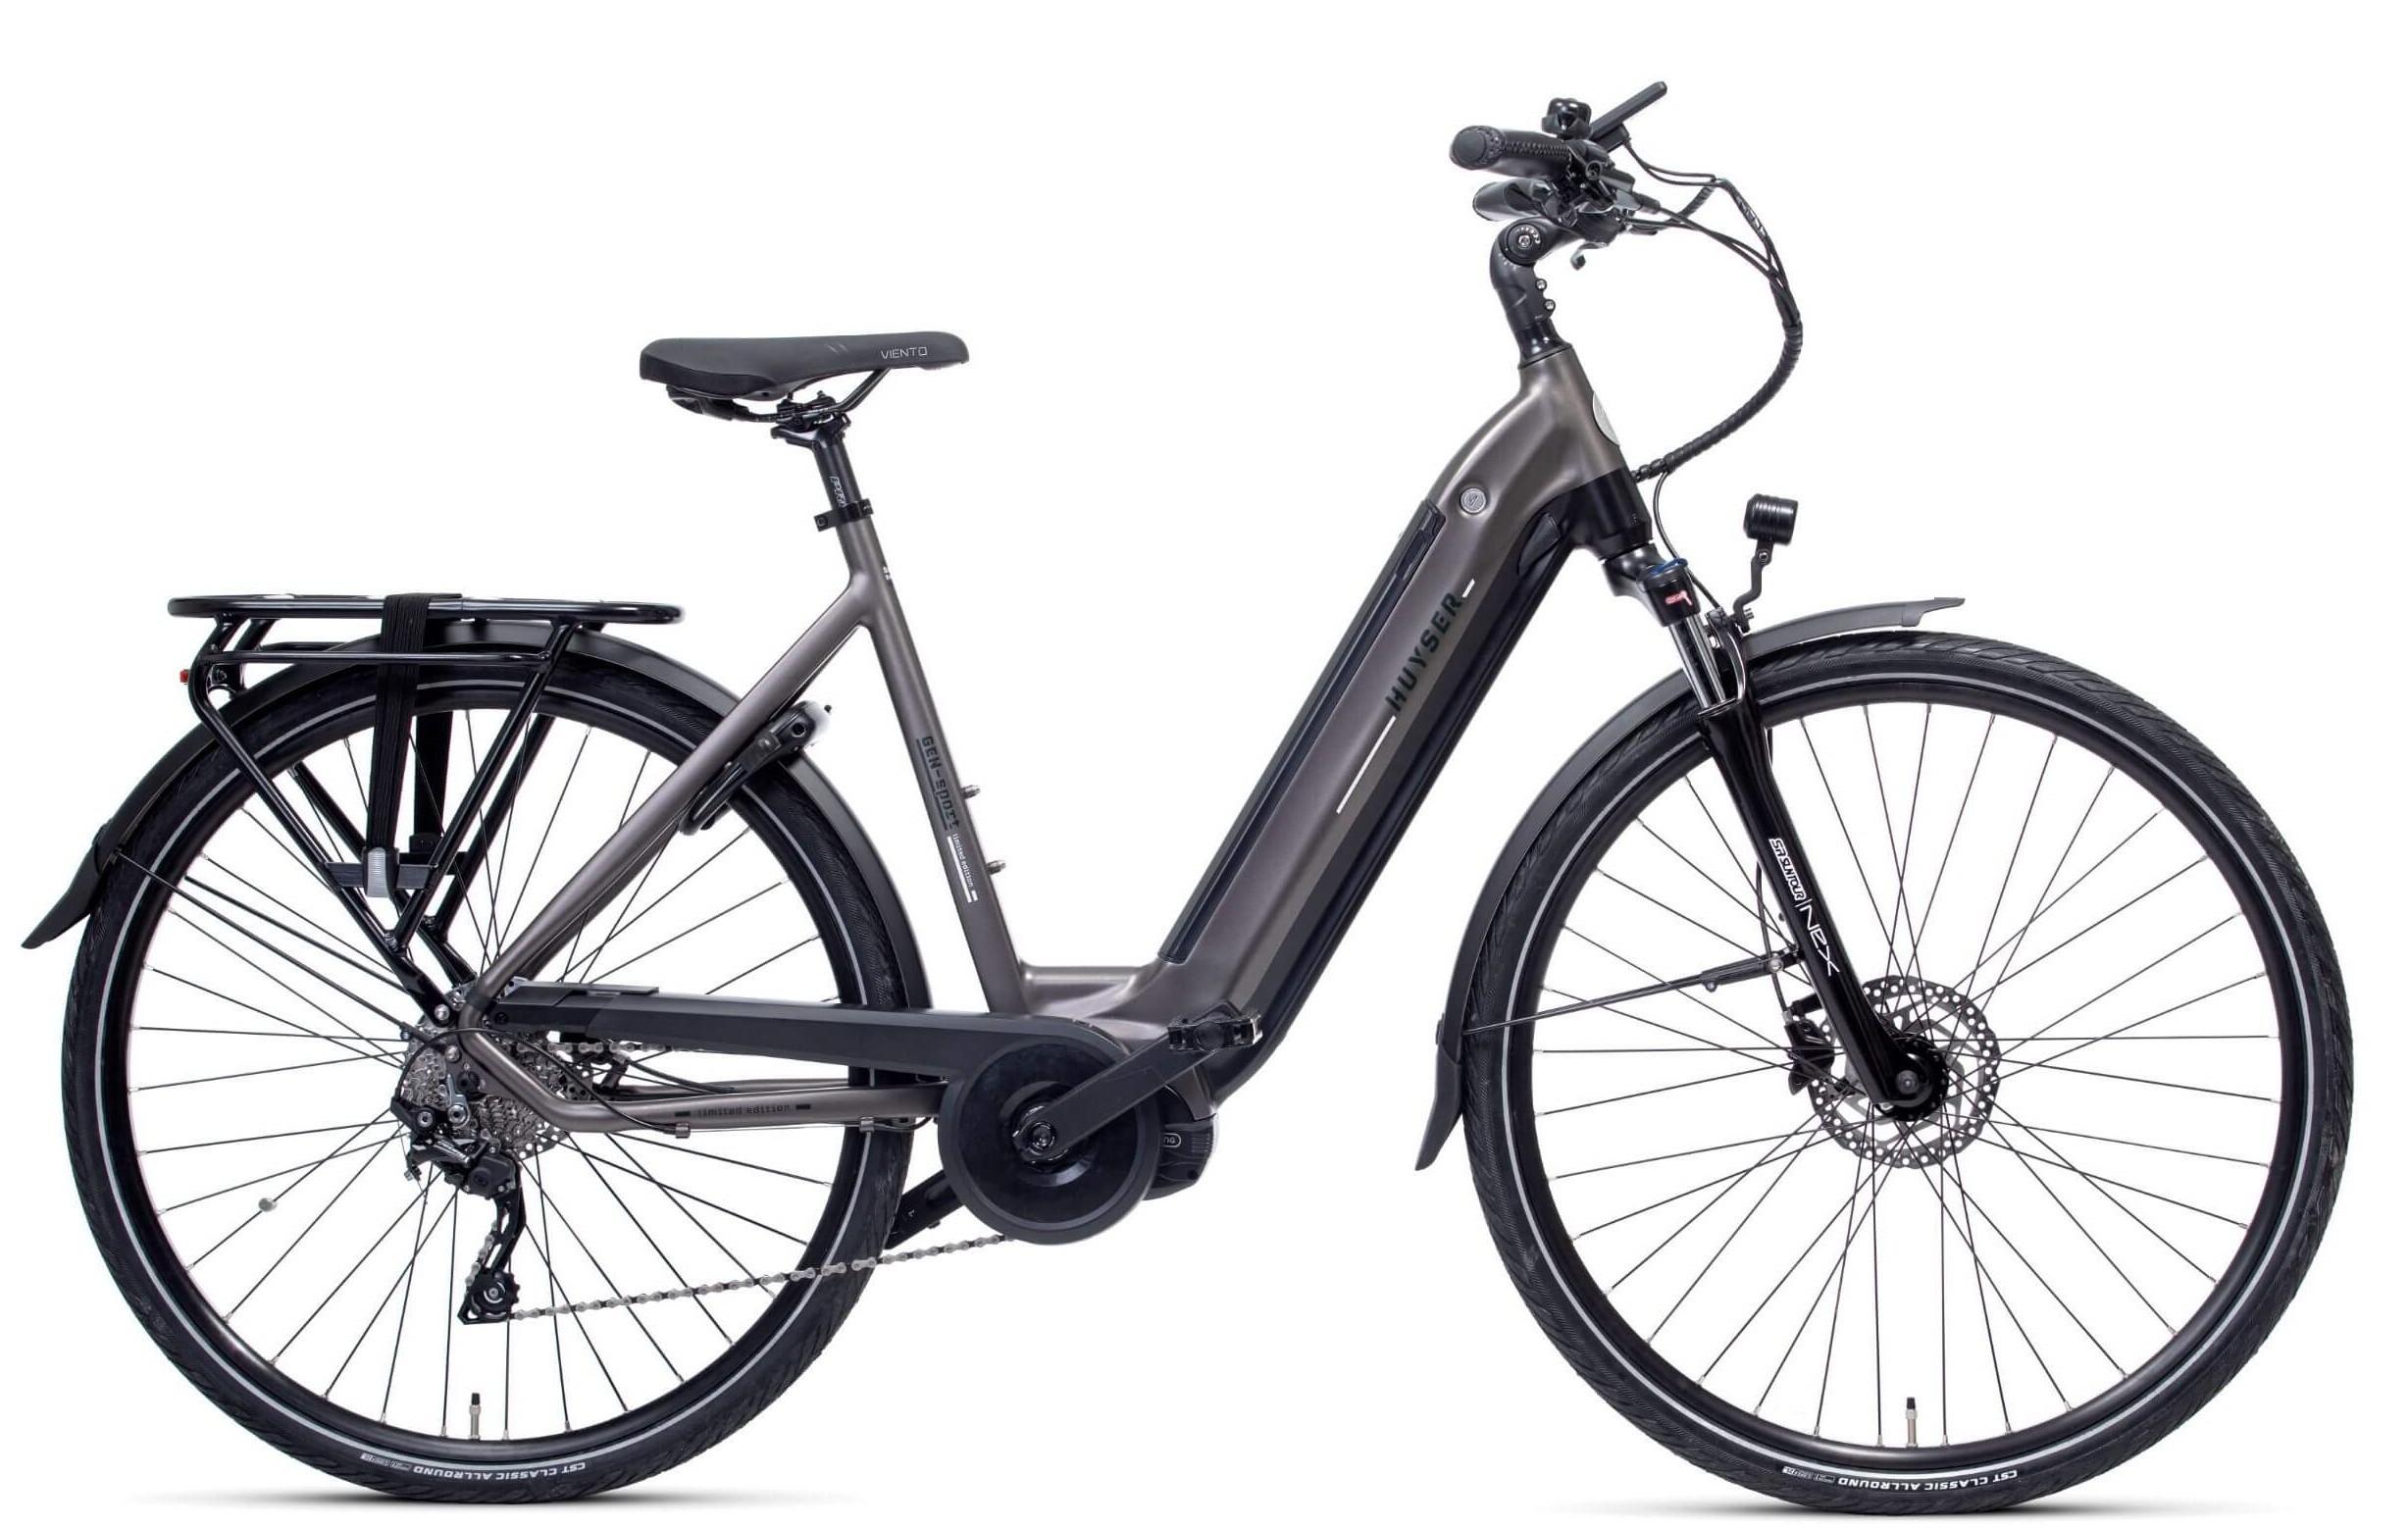 Huyser Gen Sport elektrische fiets 10V met middenmotor